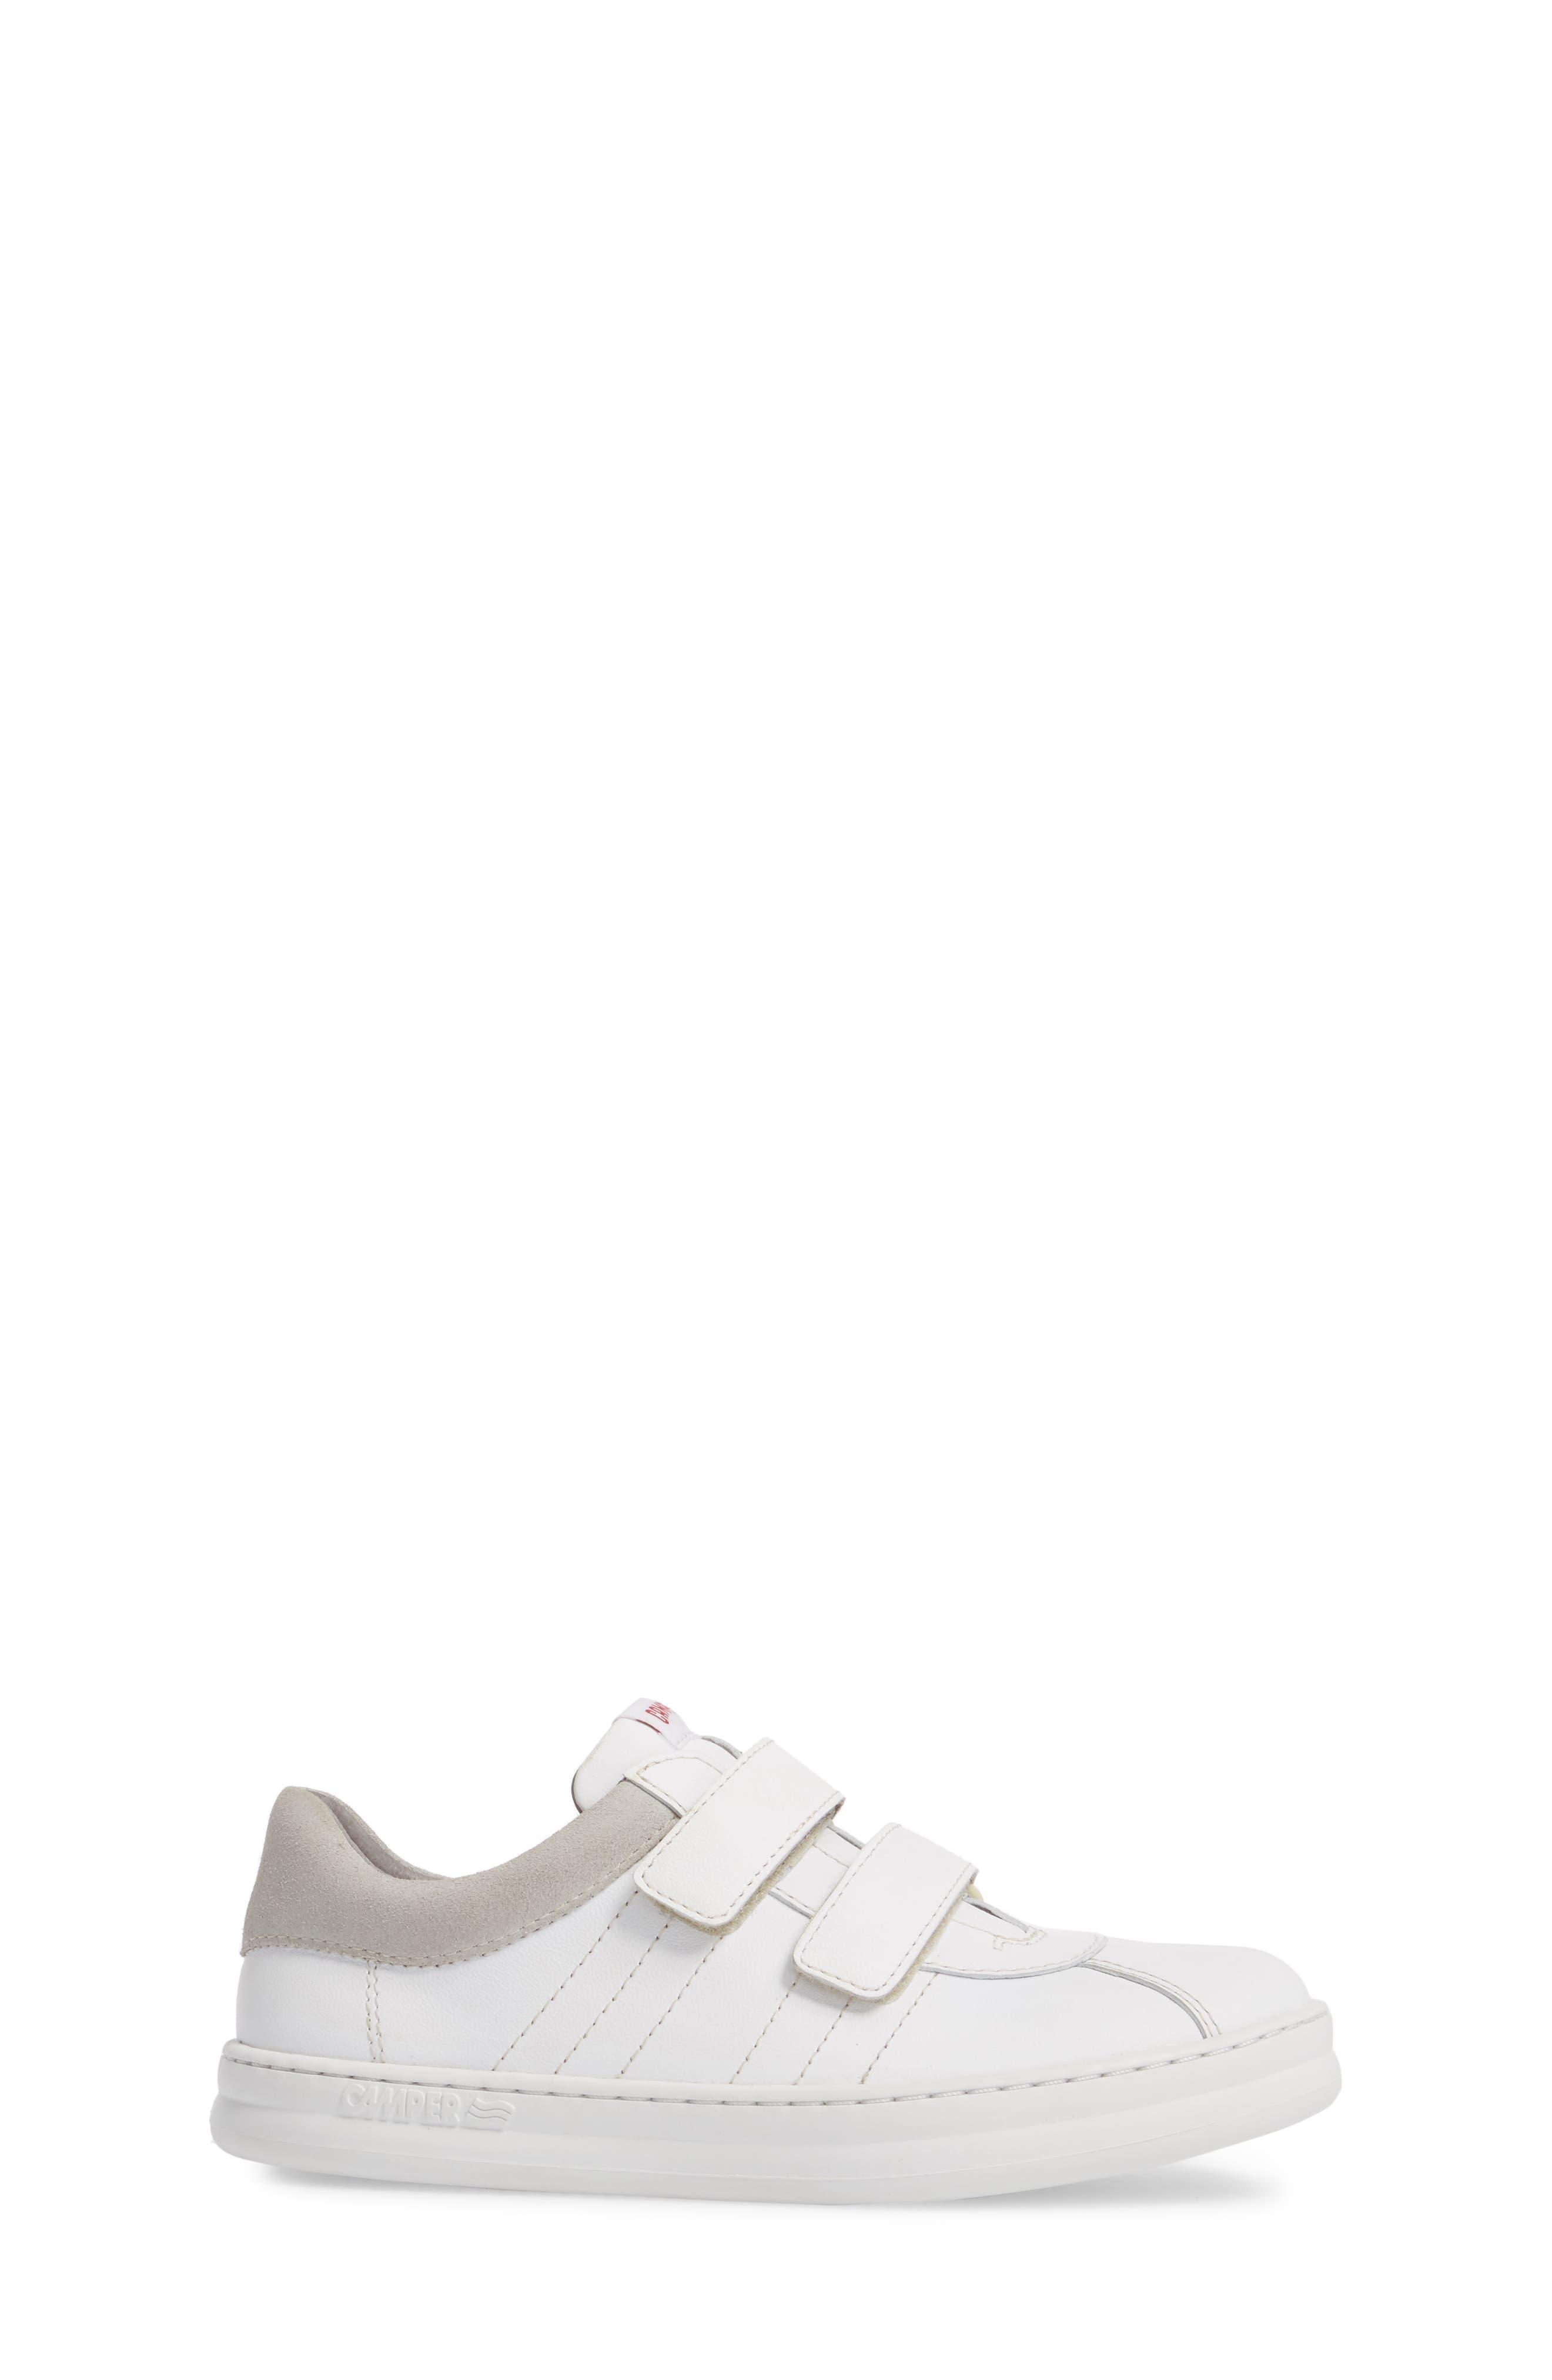 Runner Sneaker,                             Alternate thumbnail 3, color,                             WHITE